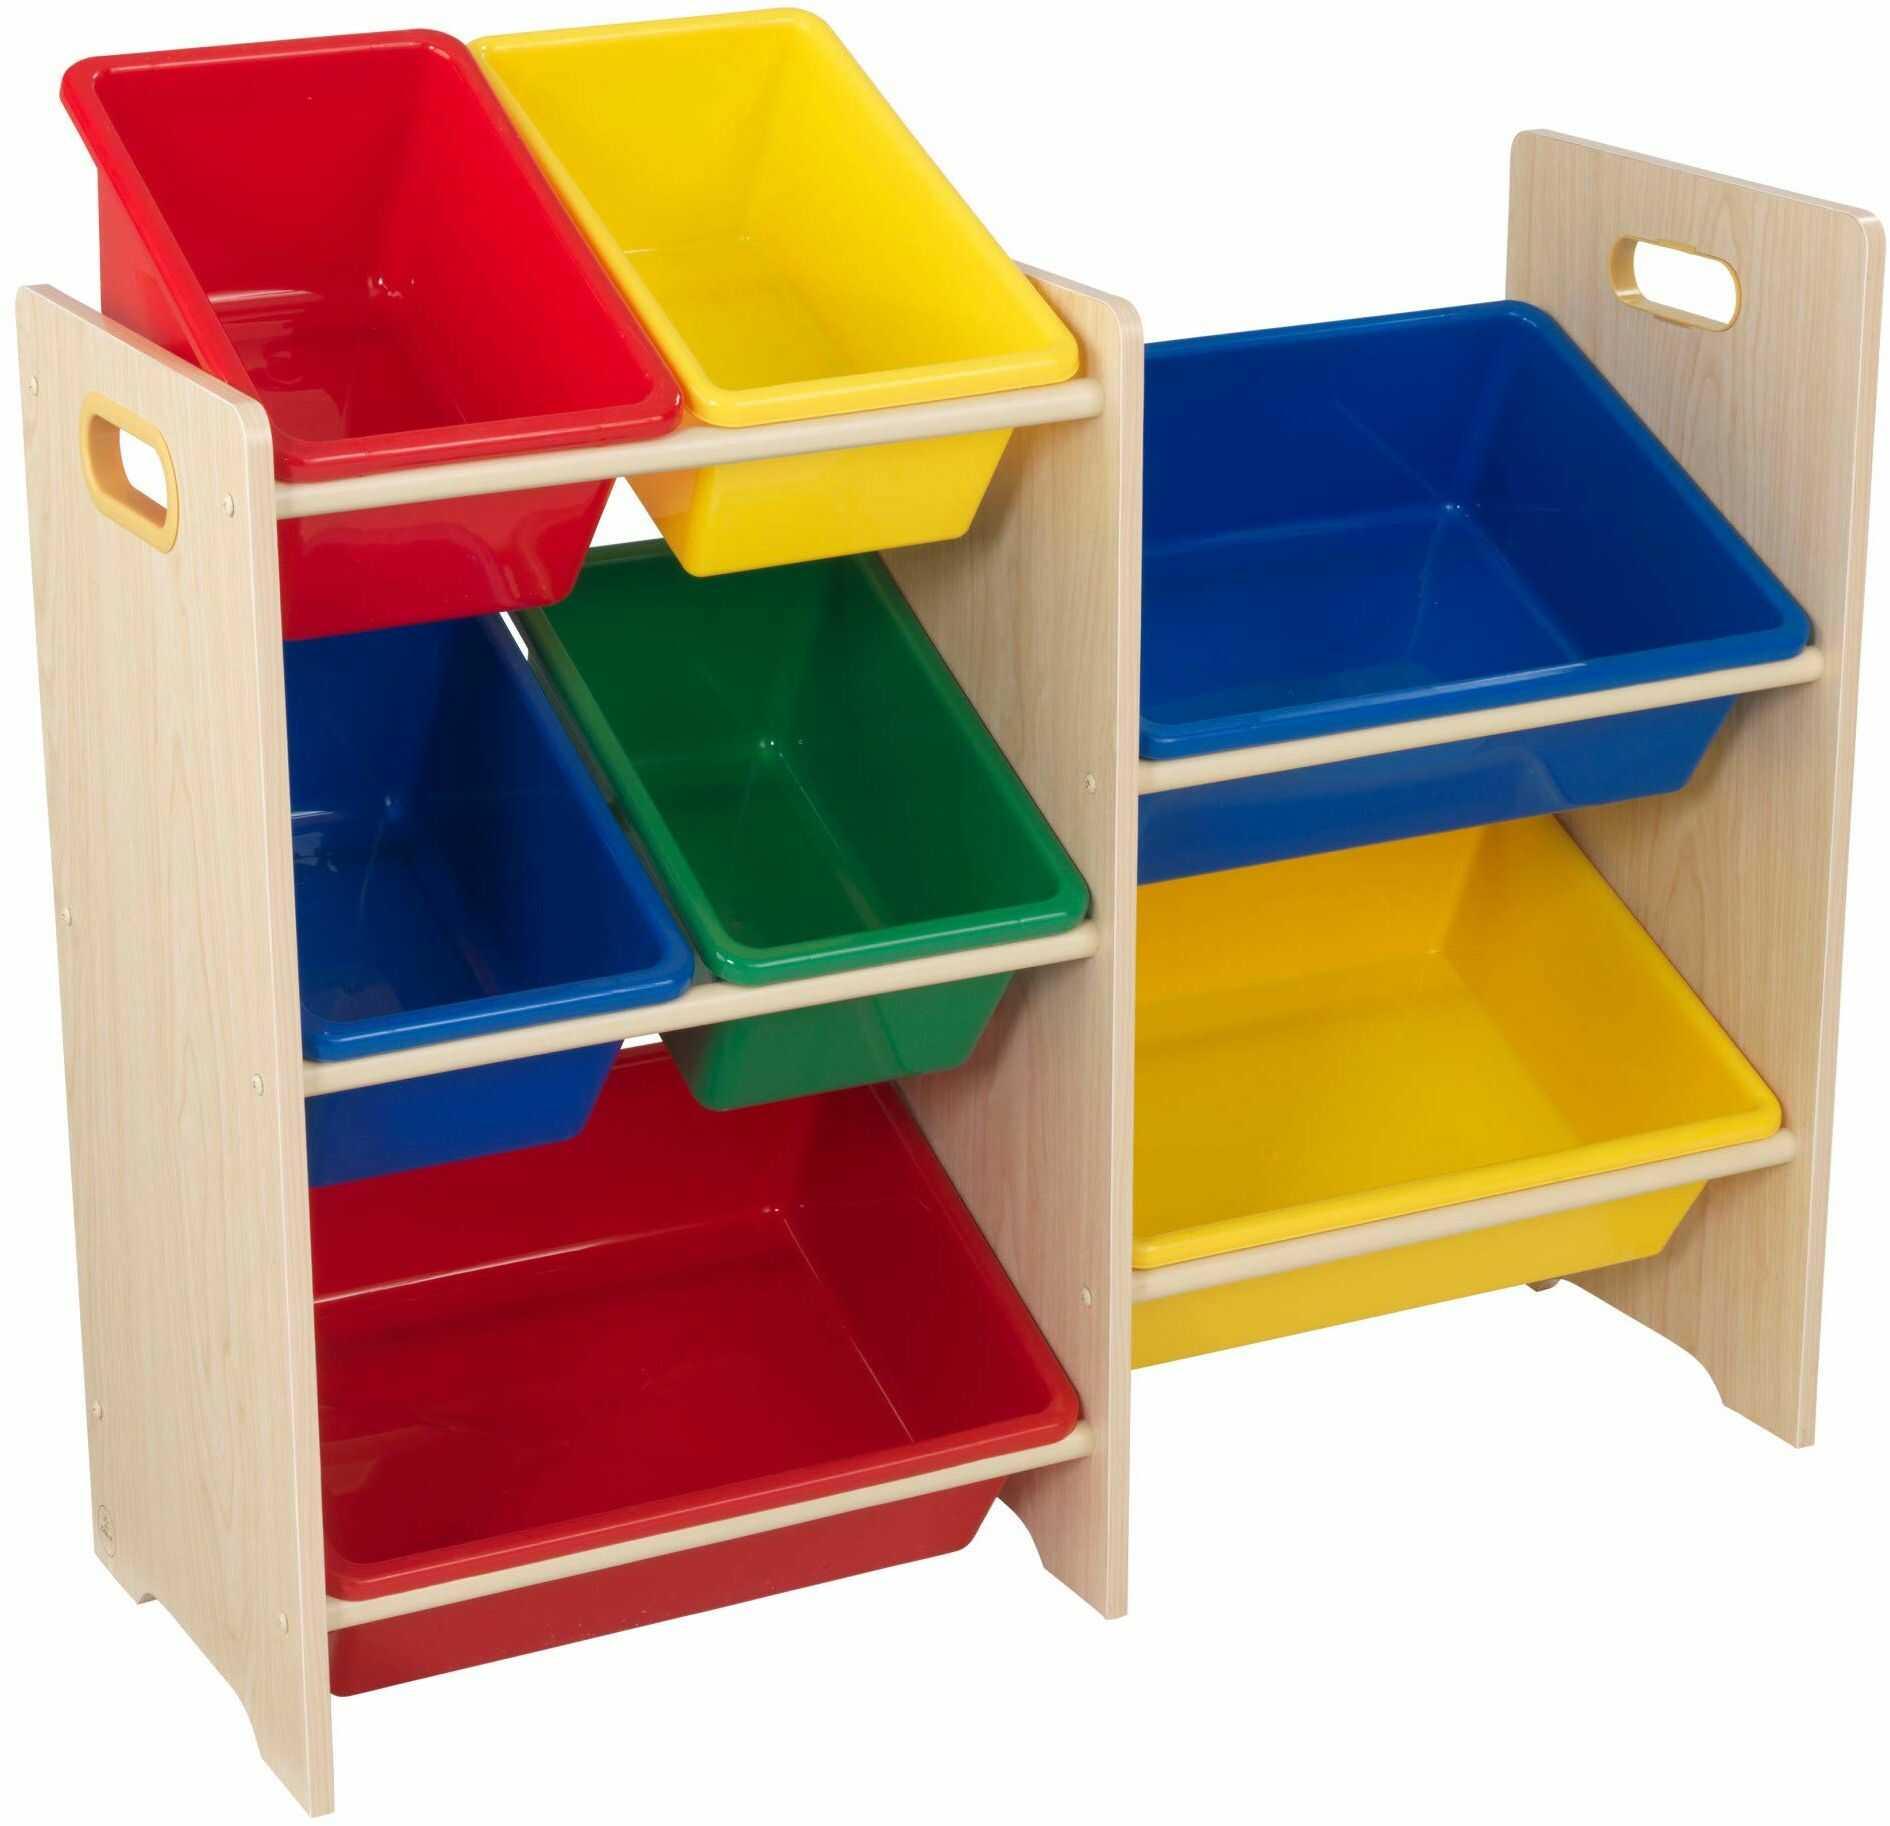 KidKraft 15470 system do przechowywania z 7 pudełkami, kolor biały